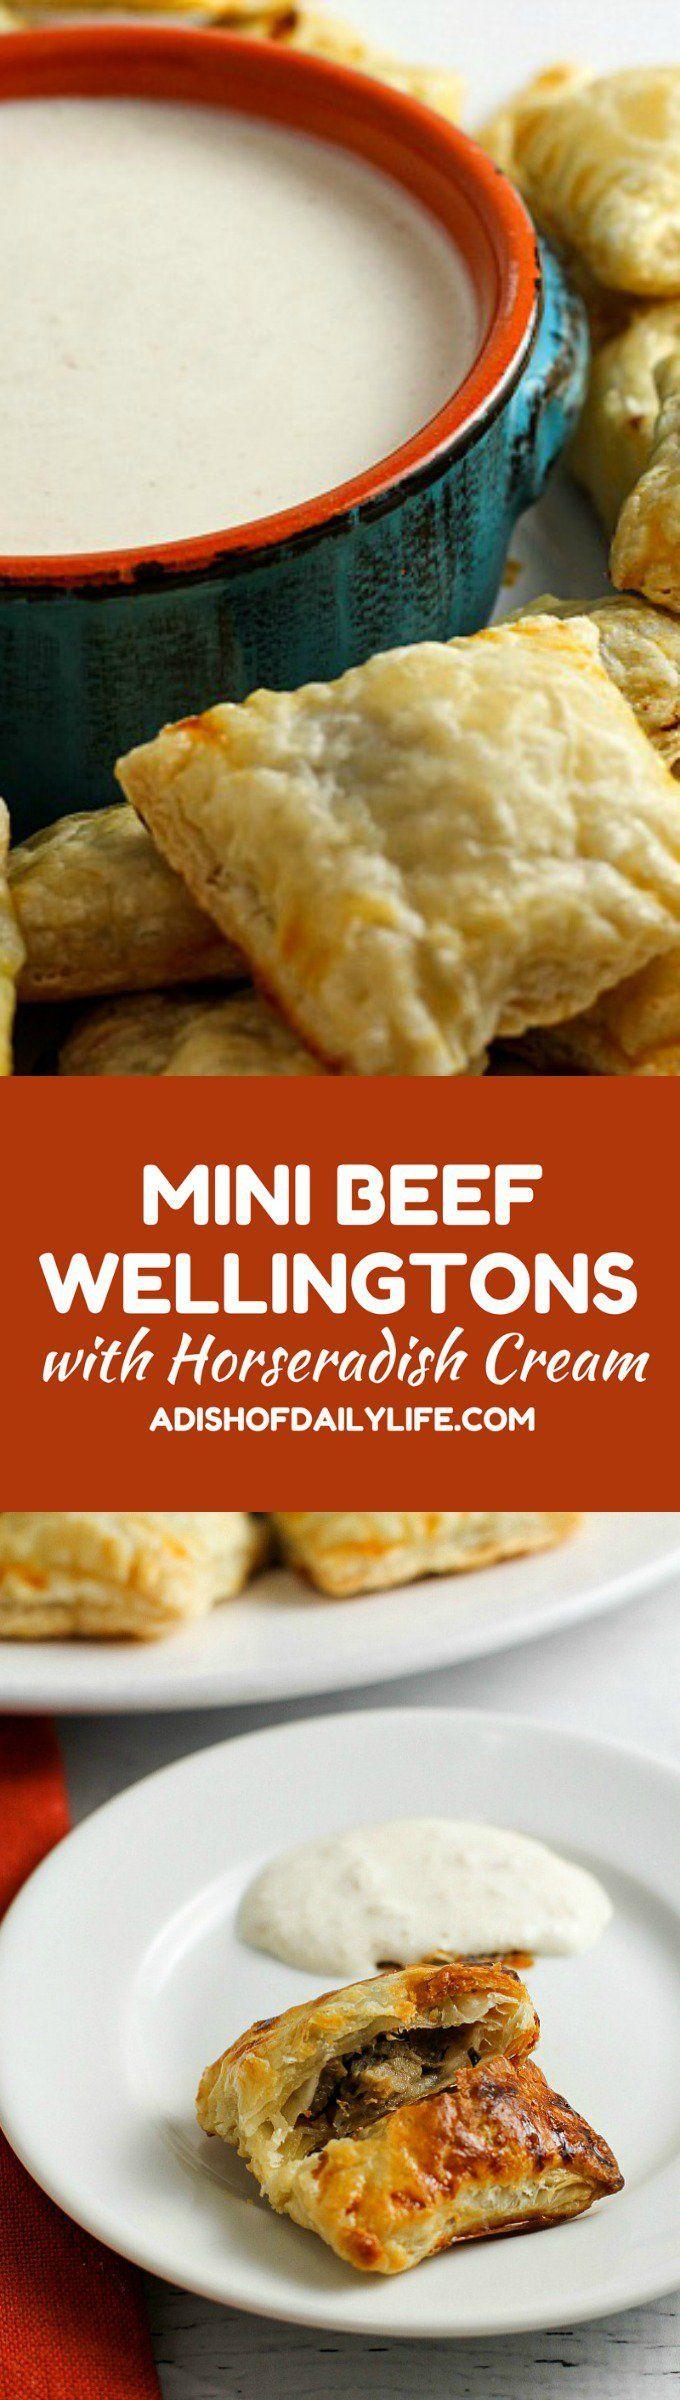 Estos Buey Wellington Mini con rábano picante crema son un aperitivo elegante, perfecto para ocasiones especiales! Su día multitud de juegos le amará sin embargo!